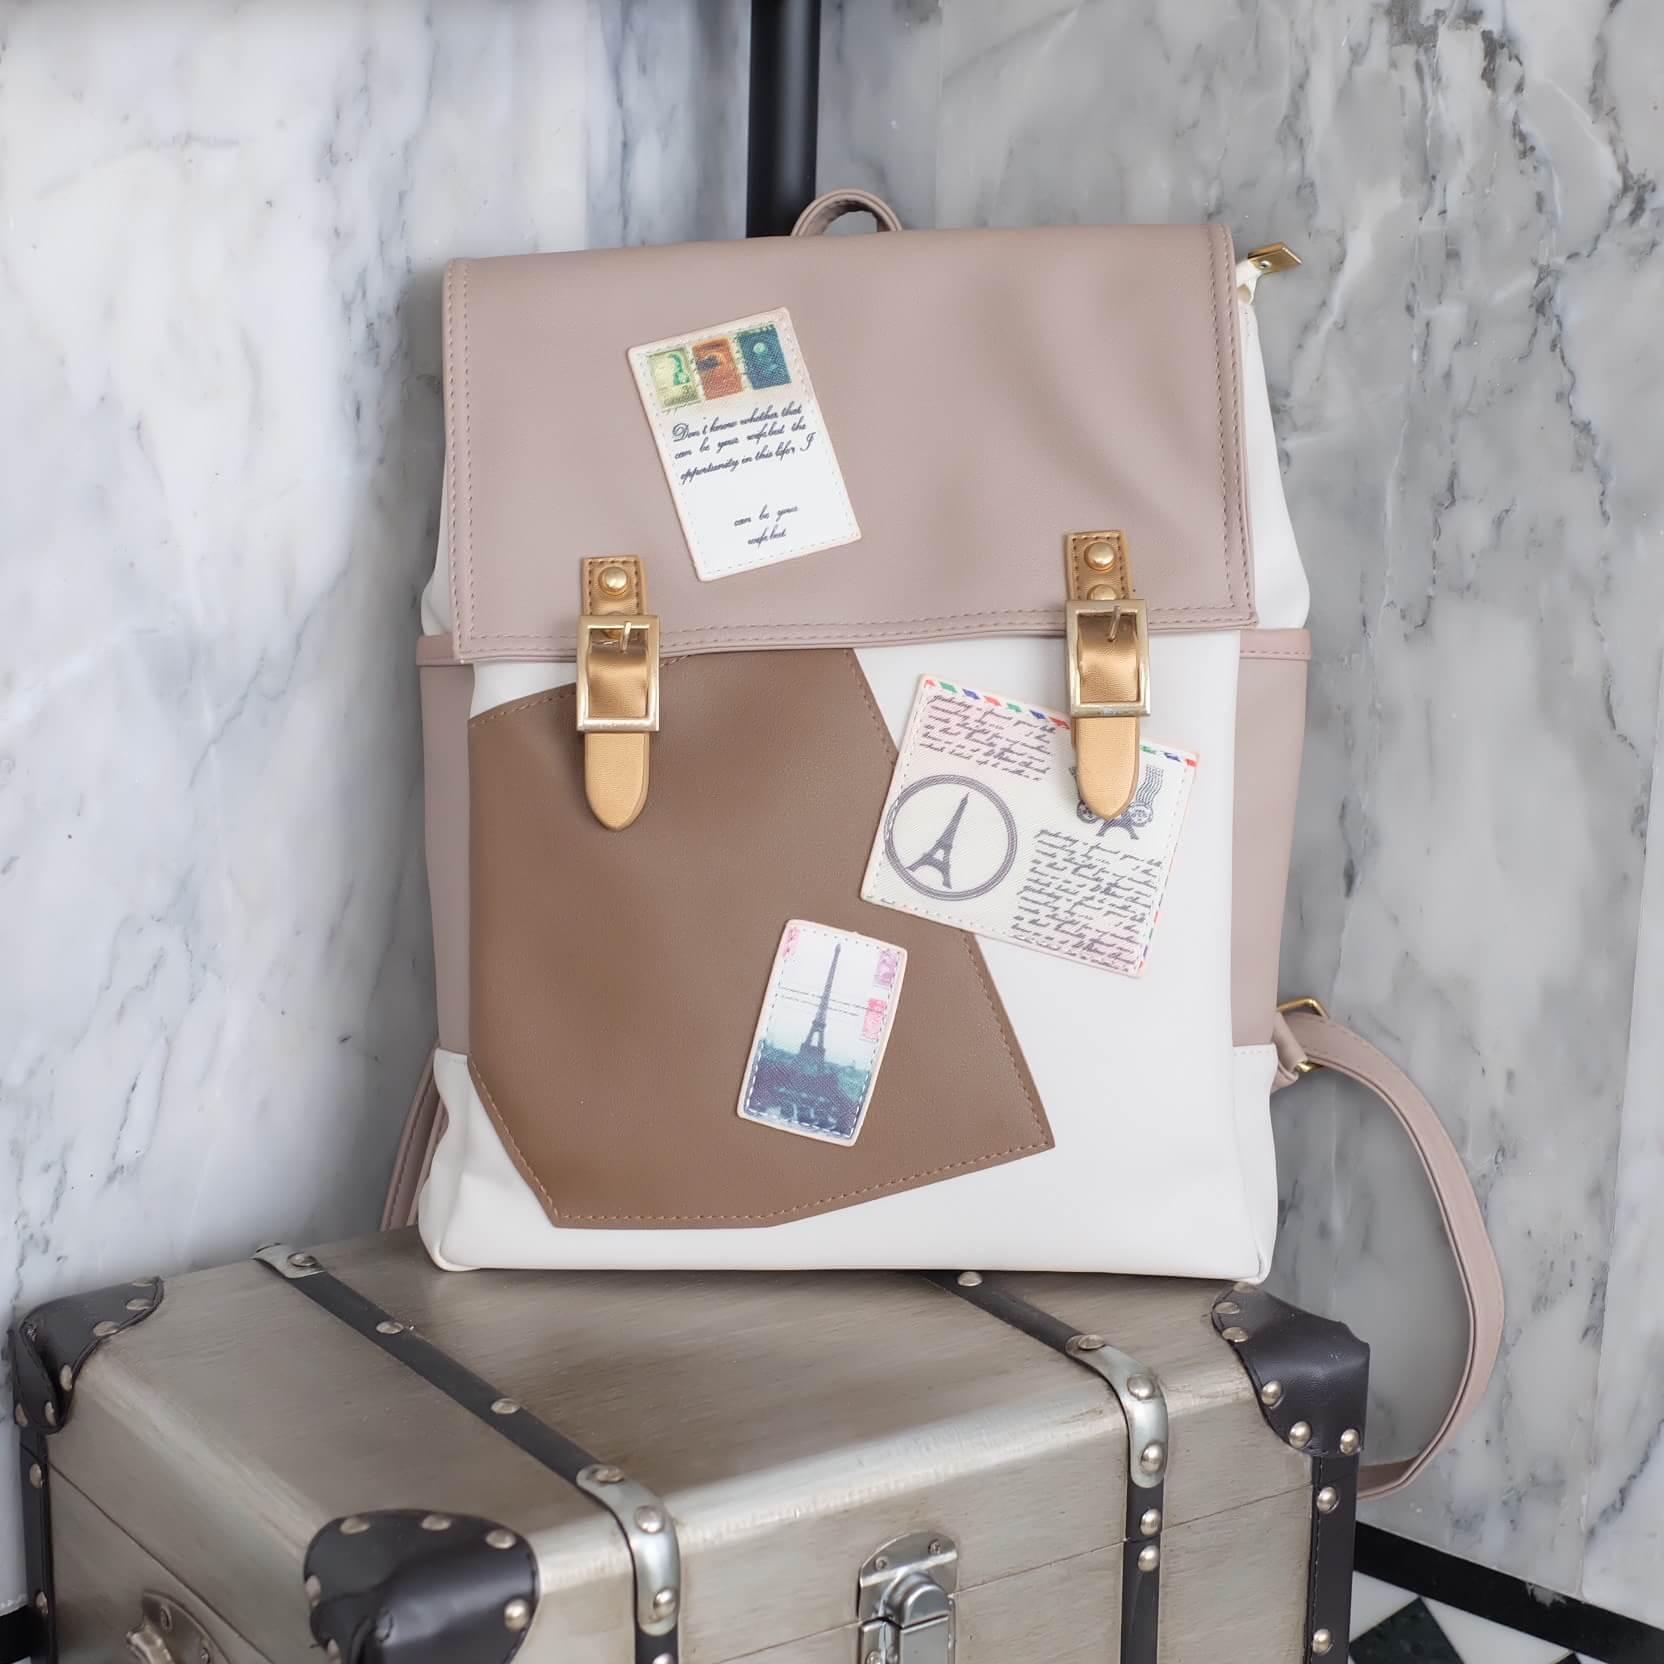 กระเป๋า David Jones มาฝาก ค่า เป้หนังสวย ๆ ตกแต่งเกร๋ ไม่ซ้ำแบบใคร ขนาดกะทัดรัด น้ำหนักเบา ใบนี้ได้ไปสวยคุ้มเลยค่า